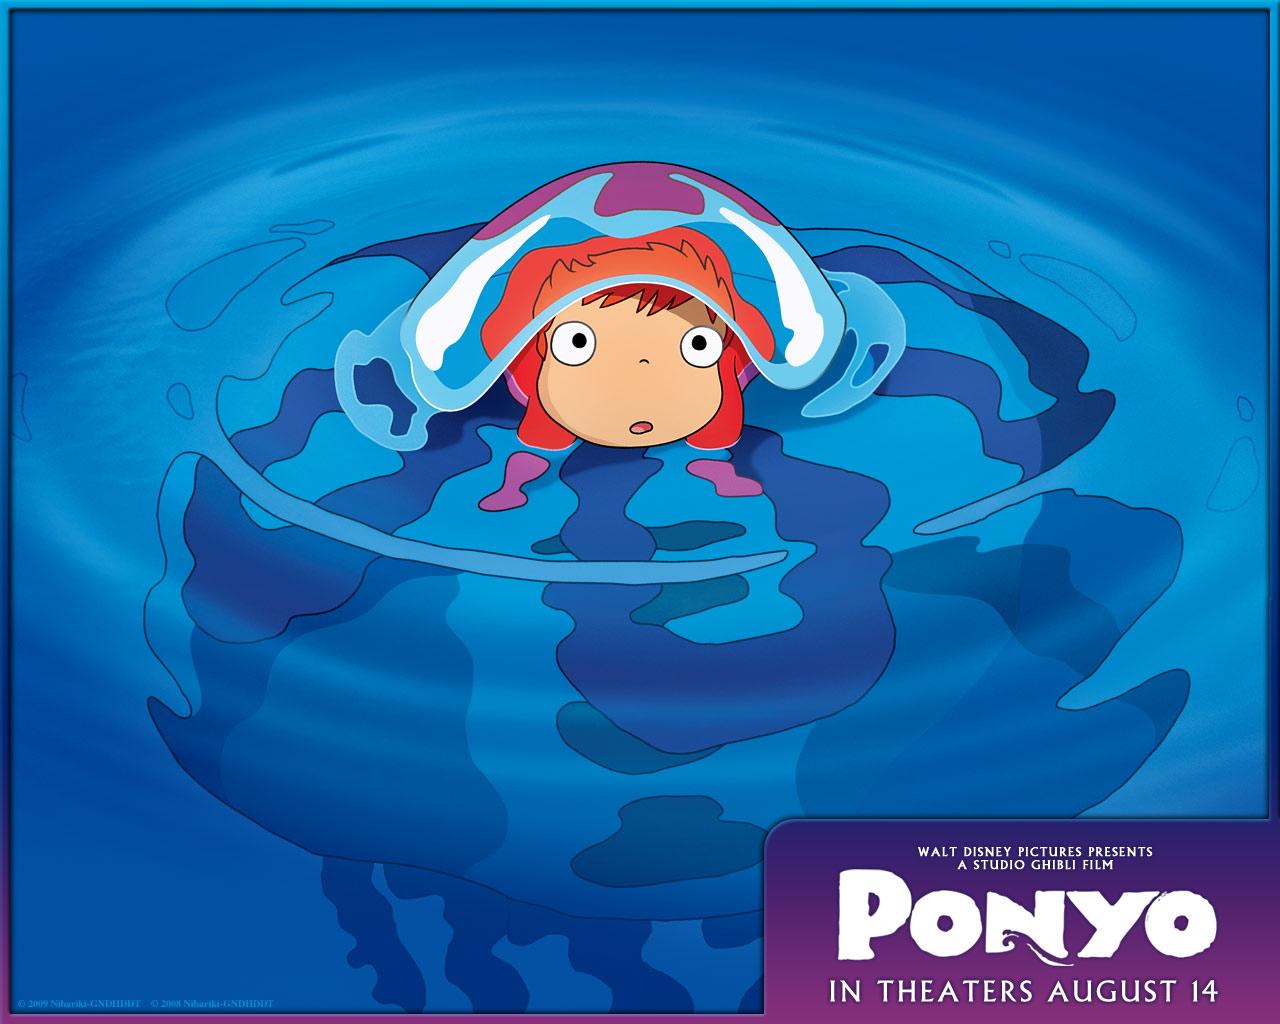 Ponyo_Wallpaper_1280